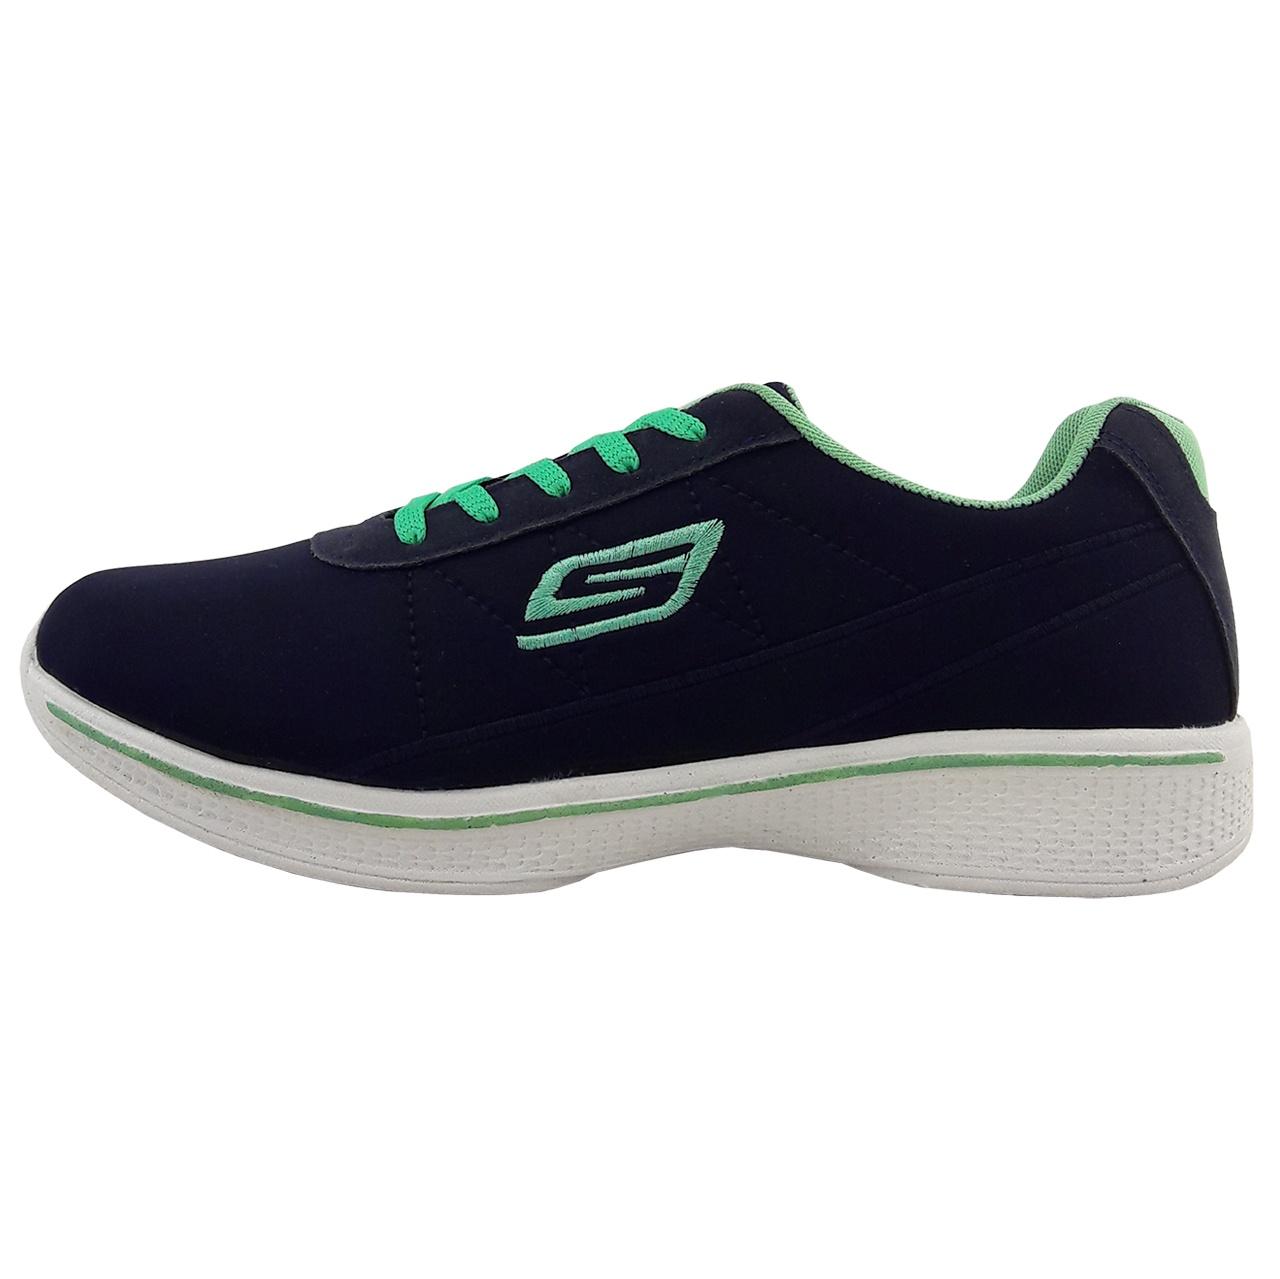 کفش مخصوص پیاده روی زنانه مدل S.cp.nvy.gre-01